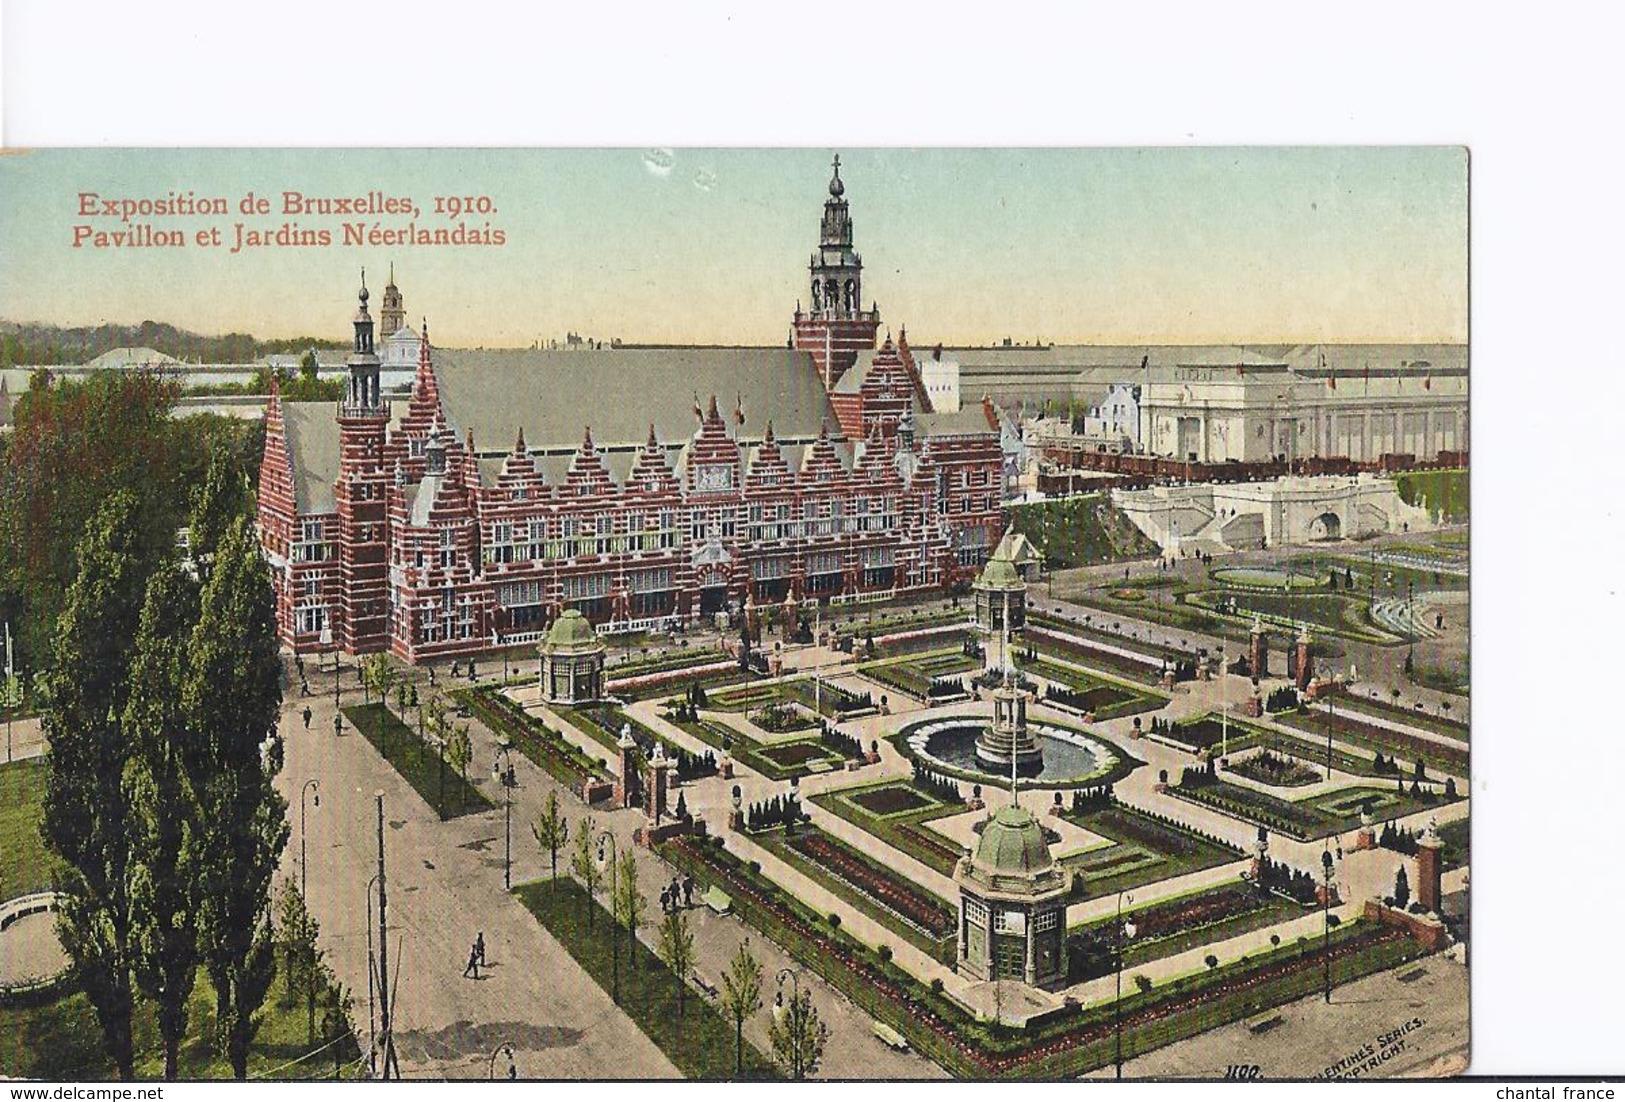 4 Cpa Exposition Bruxelles 1910. Pavillon Neerlandais (Hollandais). Même Thême, Vues Différentes - Exposiciones